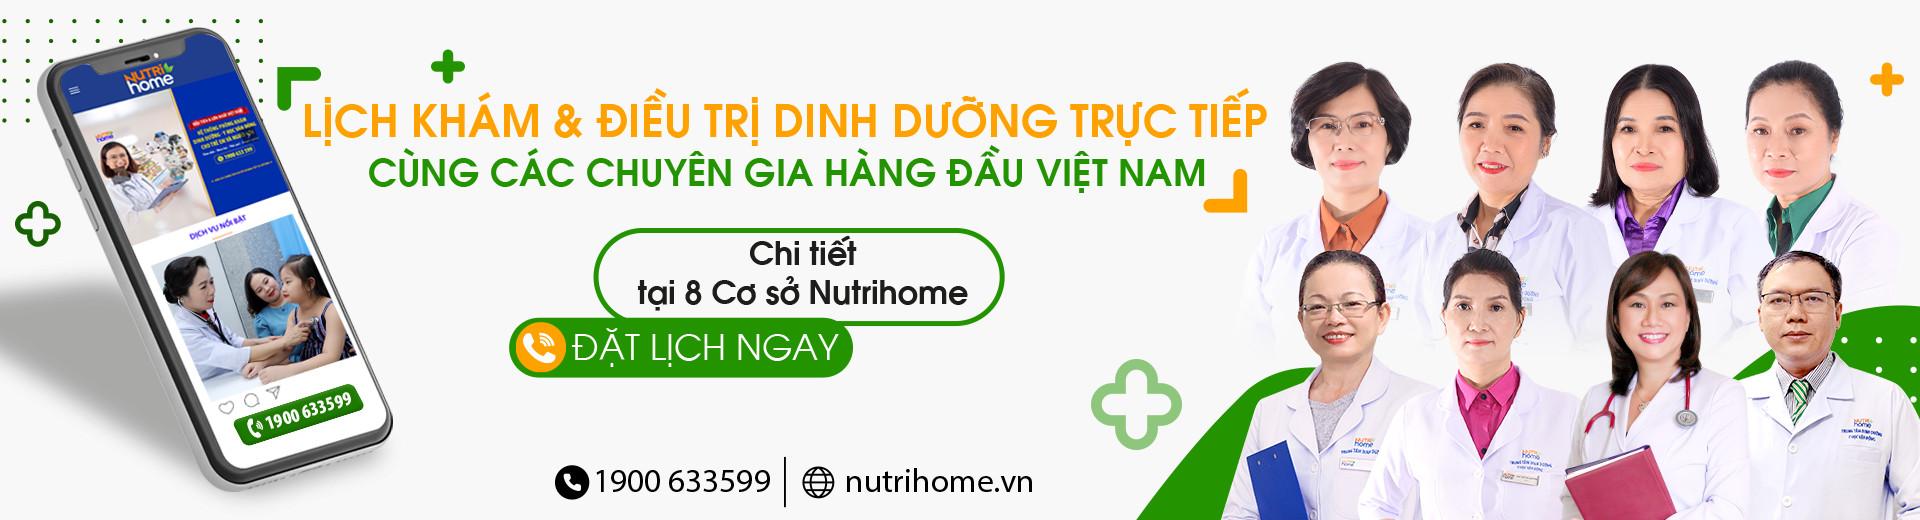 Lịch khám & điều trị dinh dưỡng trực tiếp cùng các chuyên gia hàng đầu Việt Nam tại Nutrihome